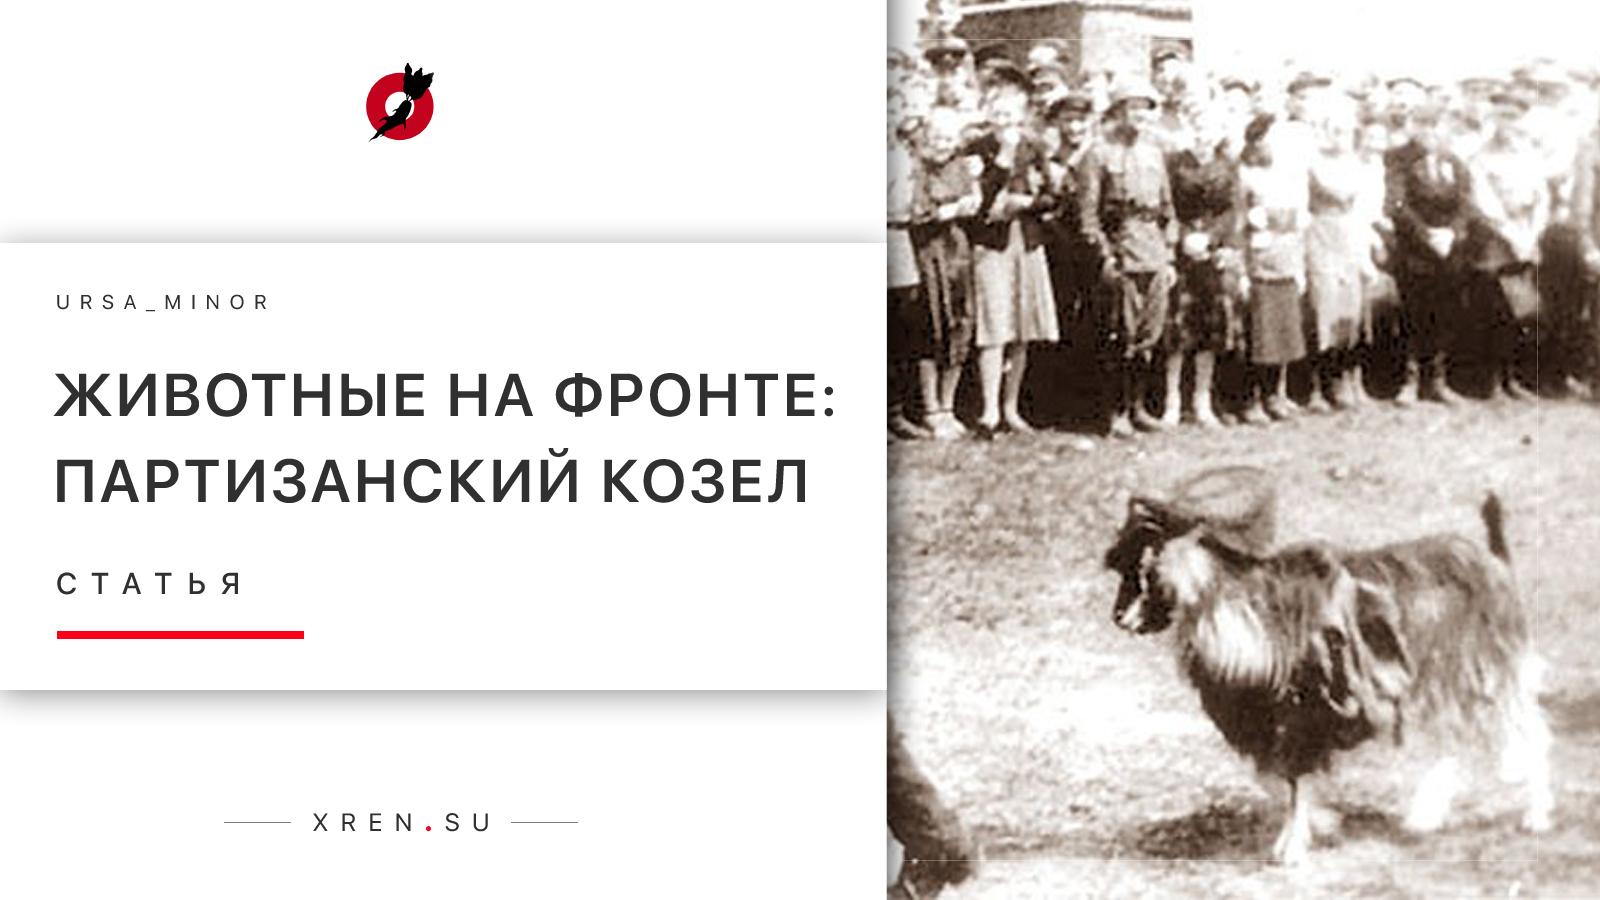 Животные на фронте: Партизанский козел